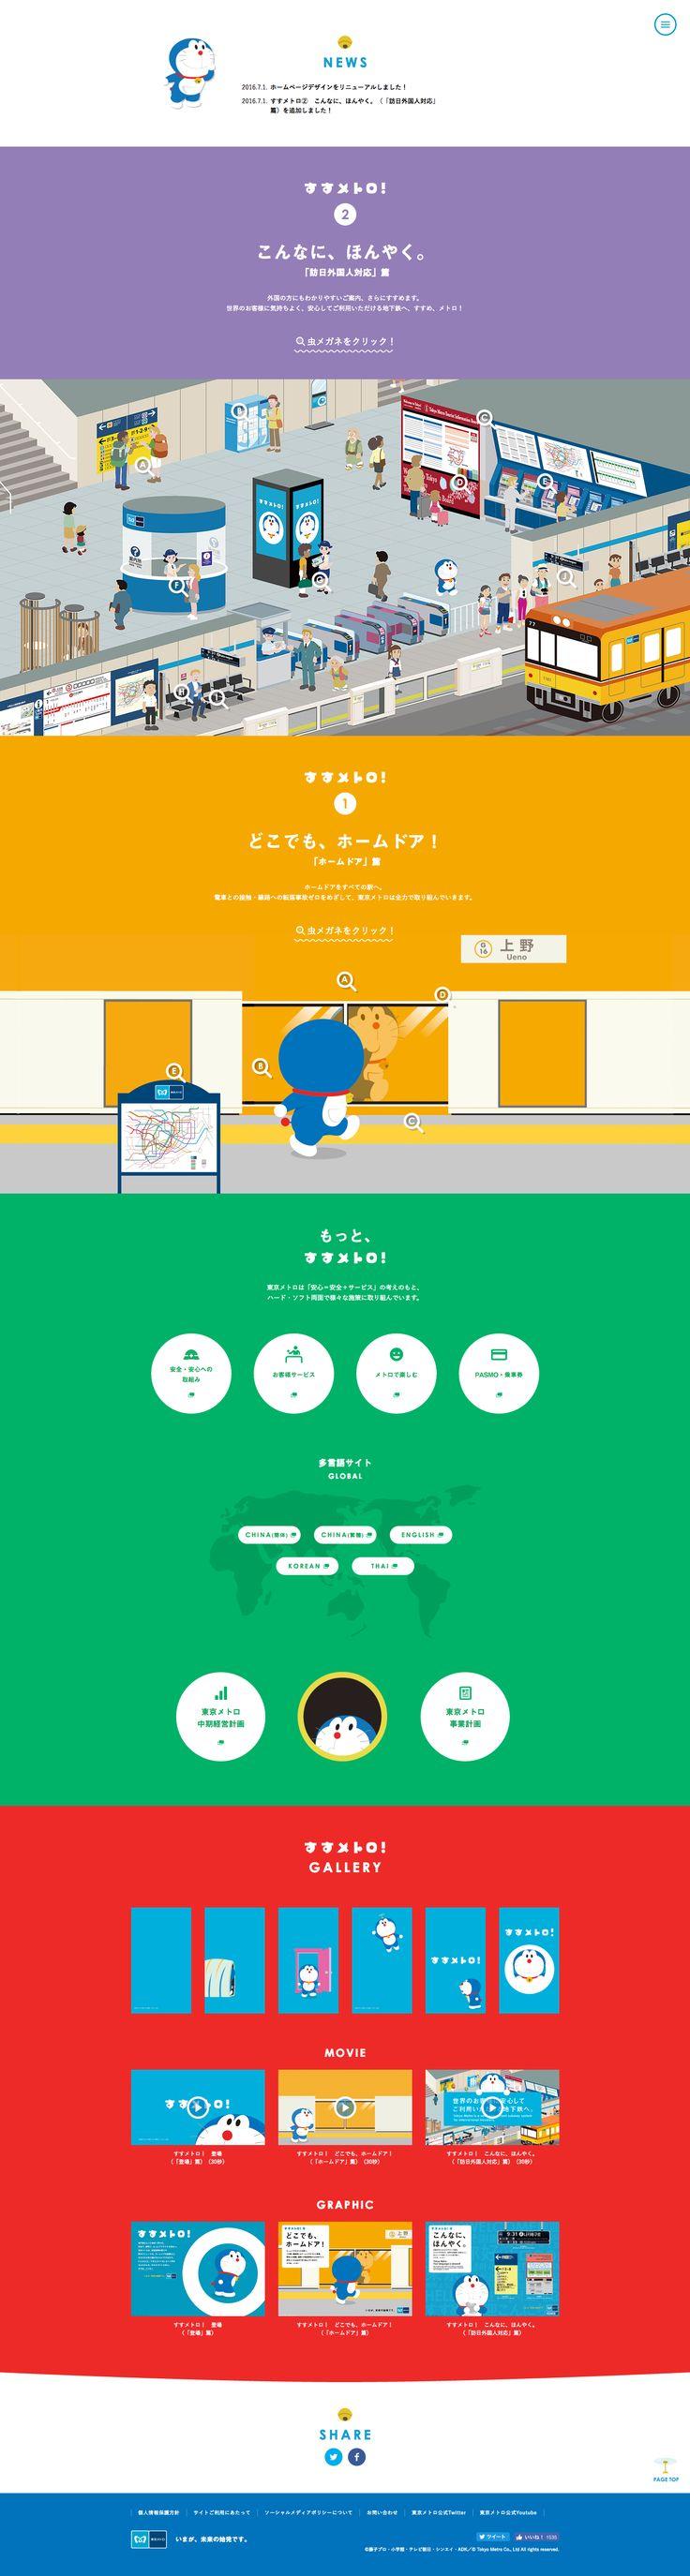 東京メトロ「すすメトロ!」のサイト。ドラえもんのアニメーションが可愛いのはもちろん、文字の現れ方や、TOPへ戻るがタケコプターだったり、ユニークさ満載。メトロ各線の色とドラえもんの色が組み合わさってて素敵。駅構内のイラストでは少し前に話題になってた「エキナカワークスペース」もちゃっかり描かれてる。